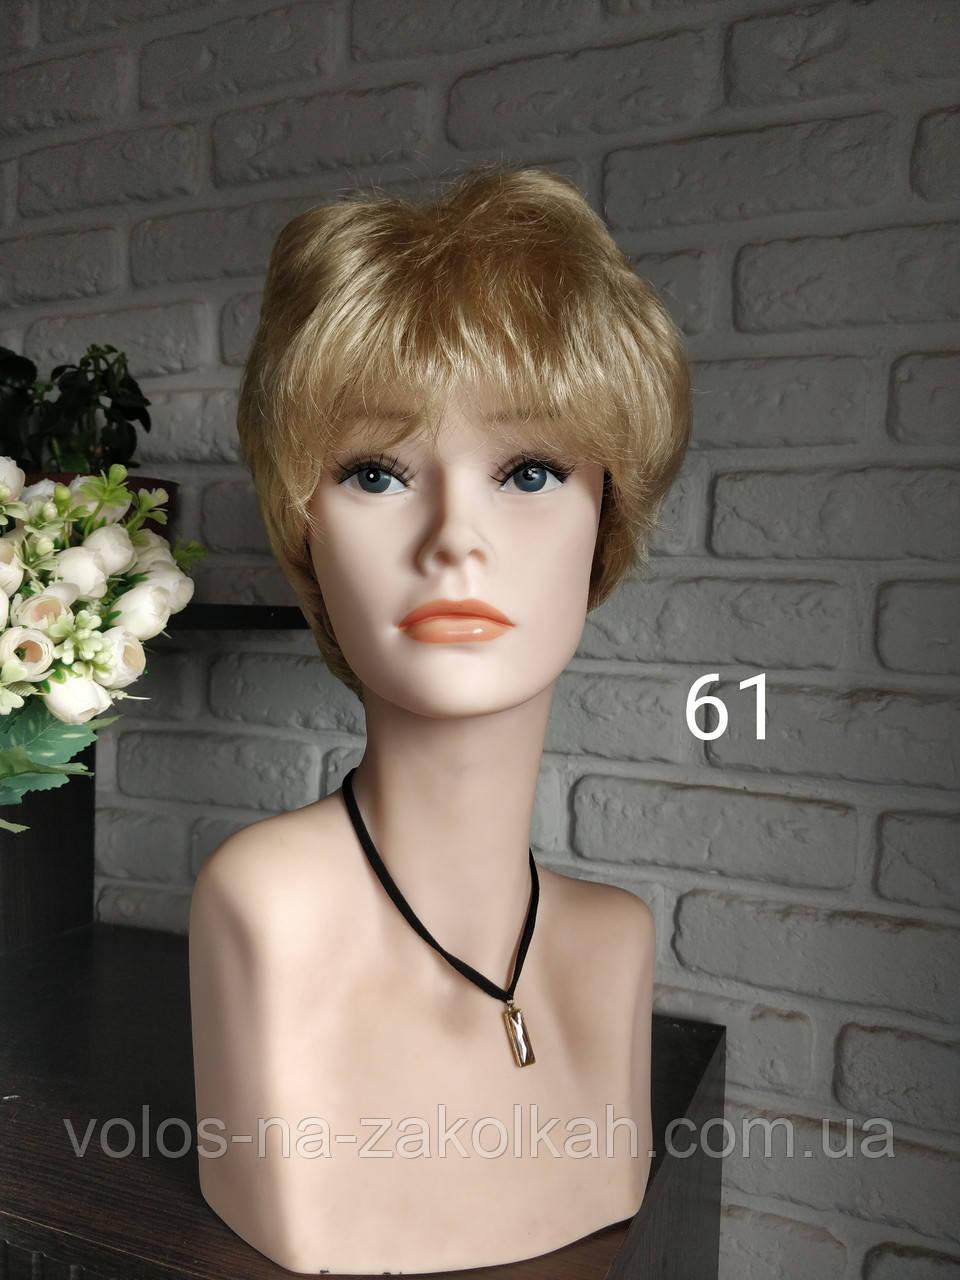 Парик короткая стрижка золотистый блонд 61